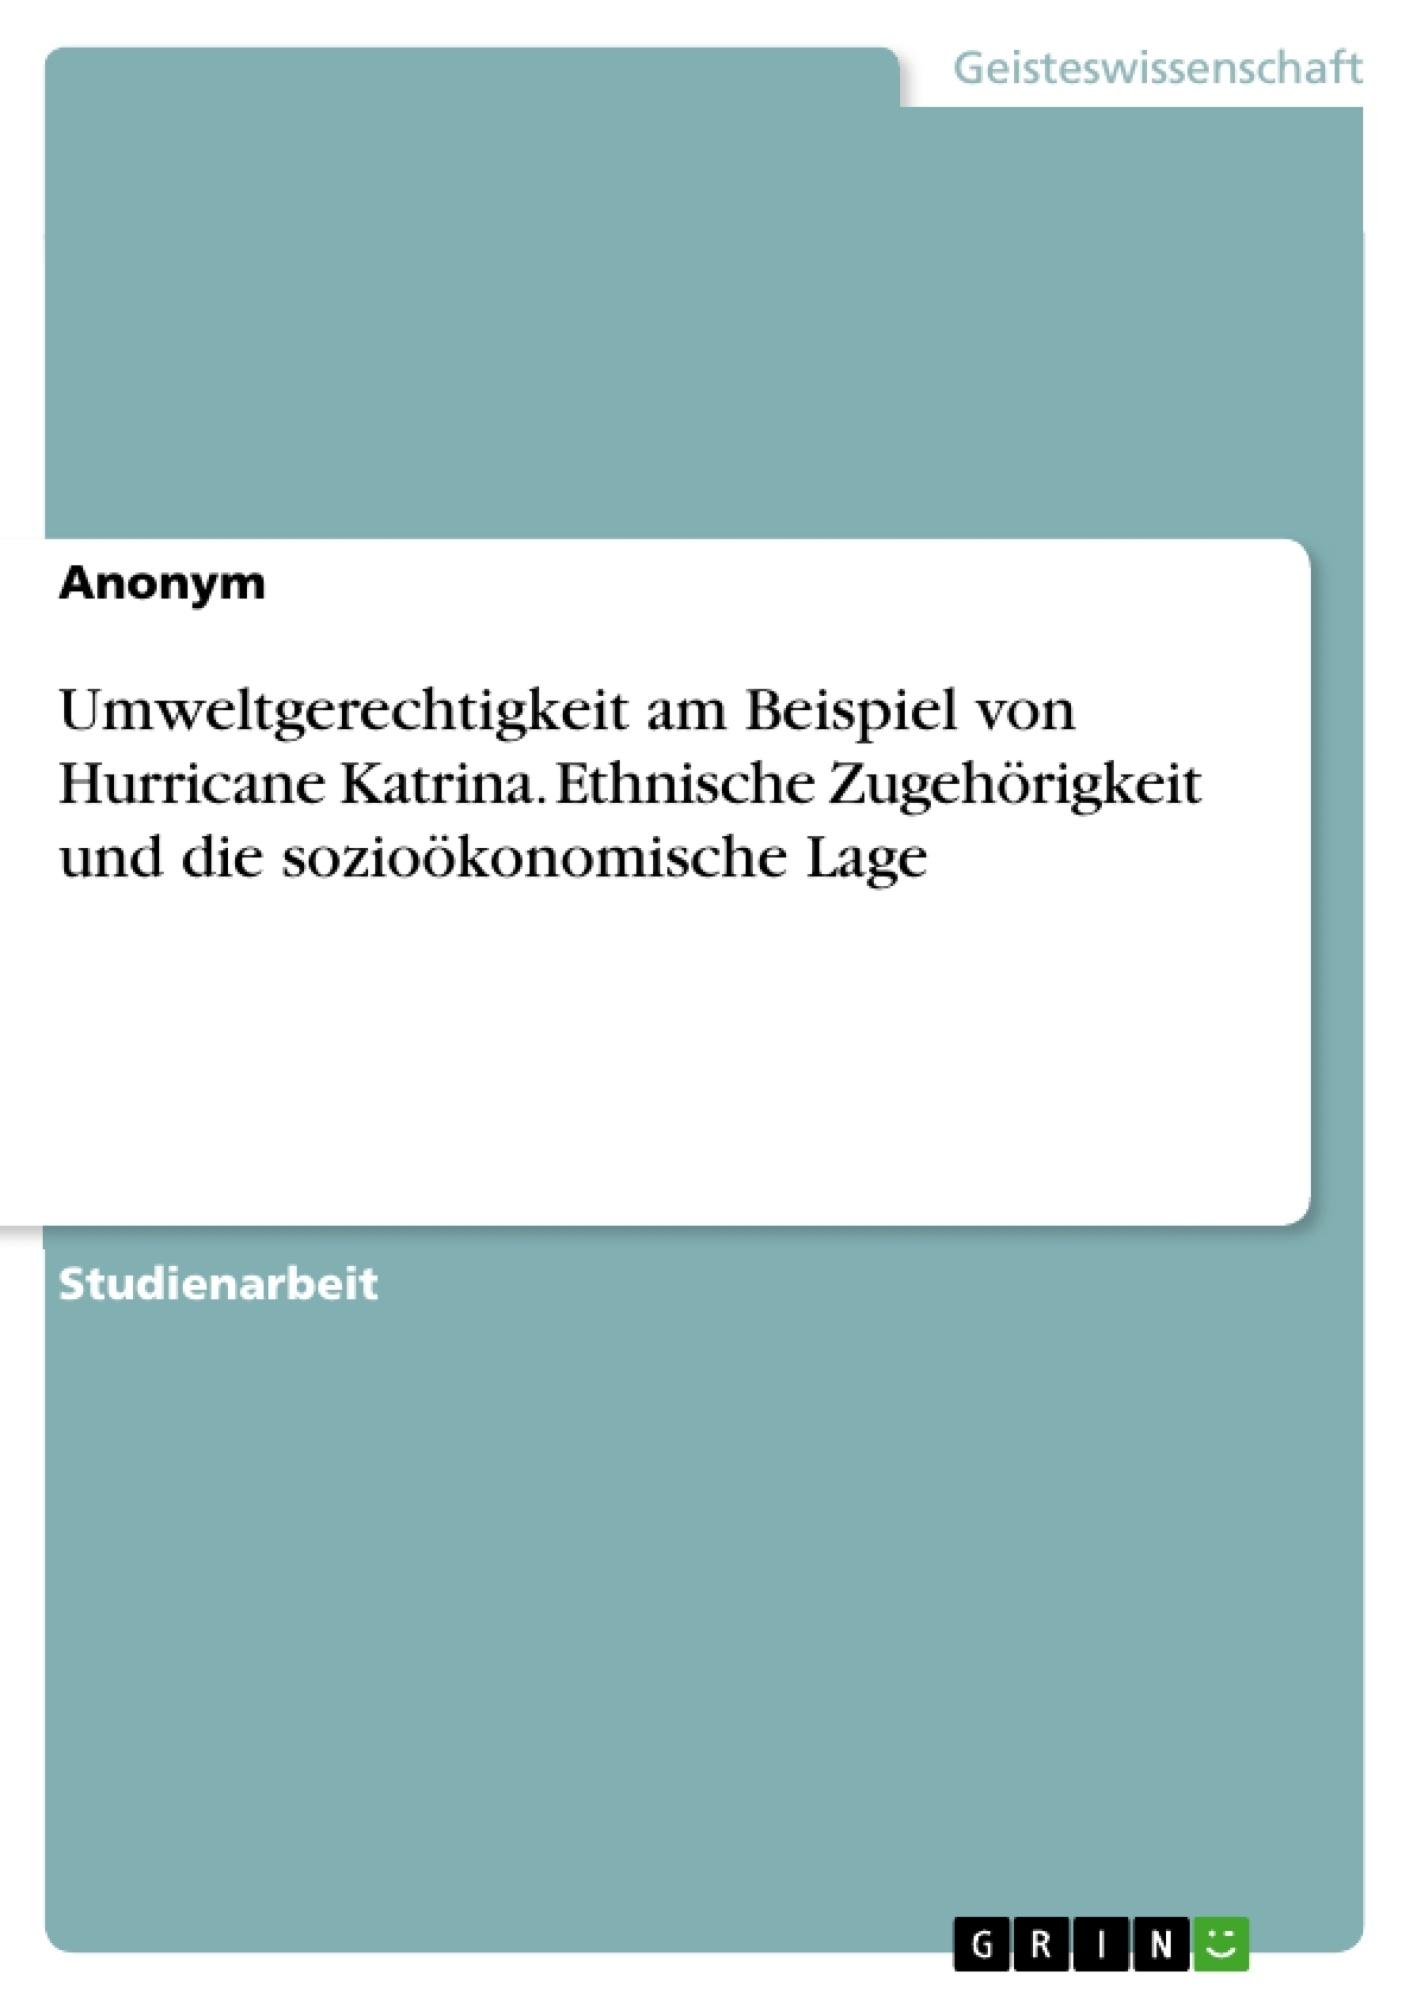 Titel: Umweltgerechtigkeit am Beispiel von Hurricane Katrina. Ethnische Zugehörigkeit und die sozioökonomische Lage